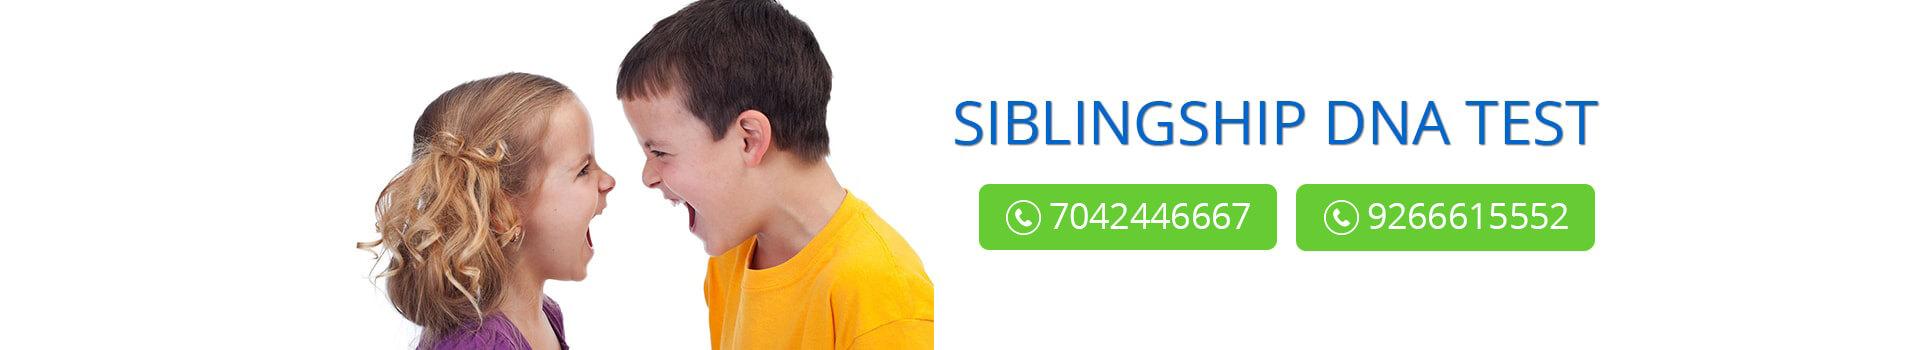 Siblingship